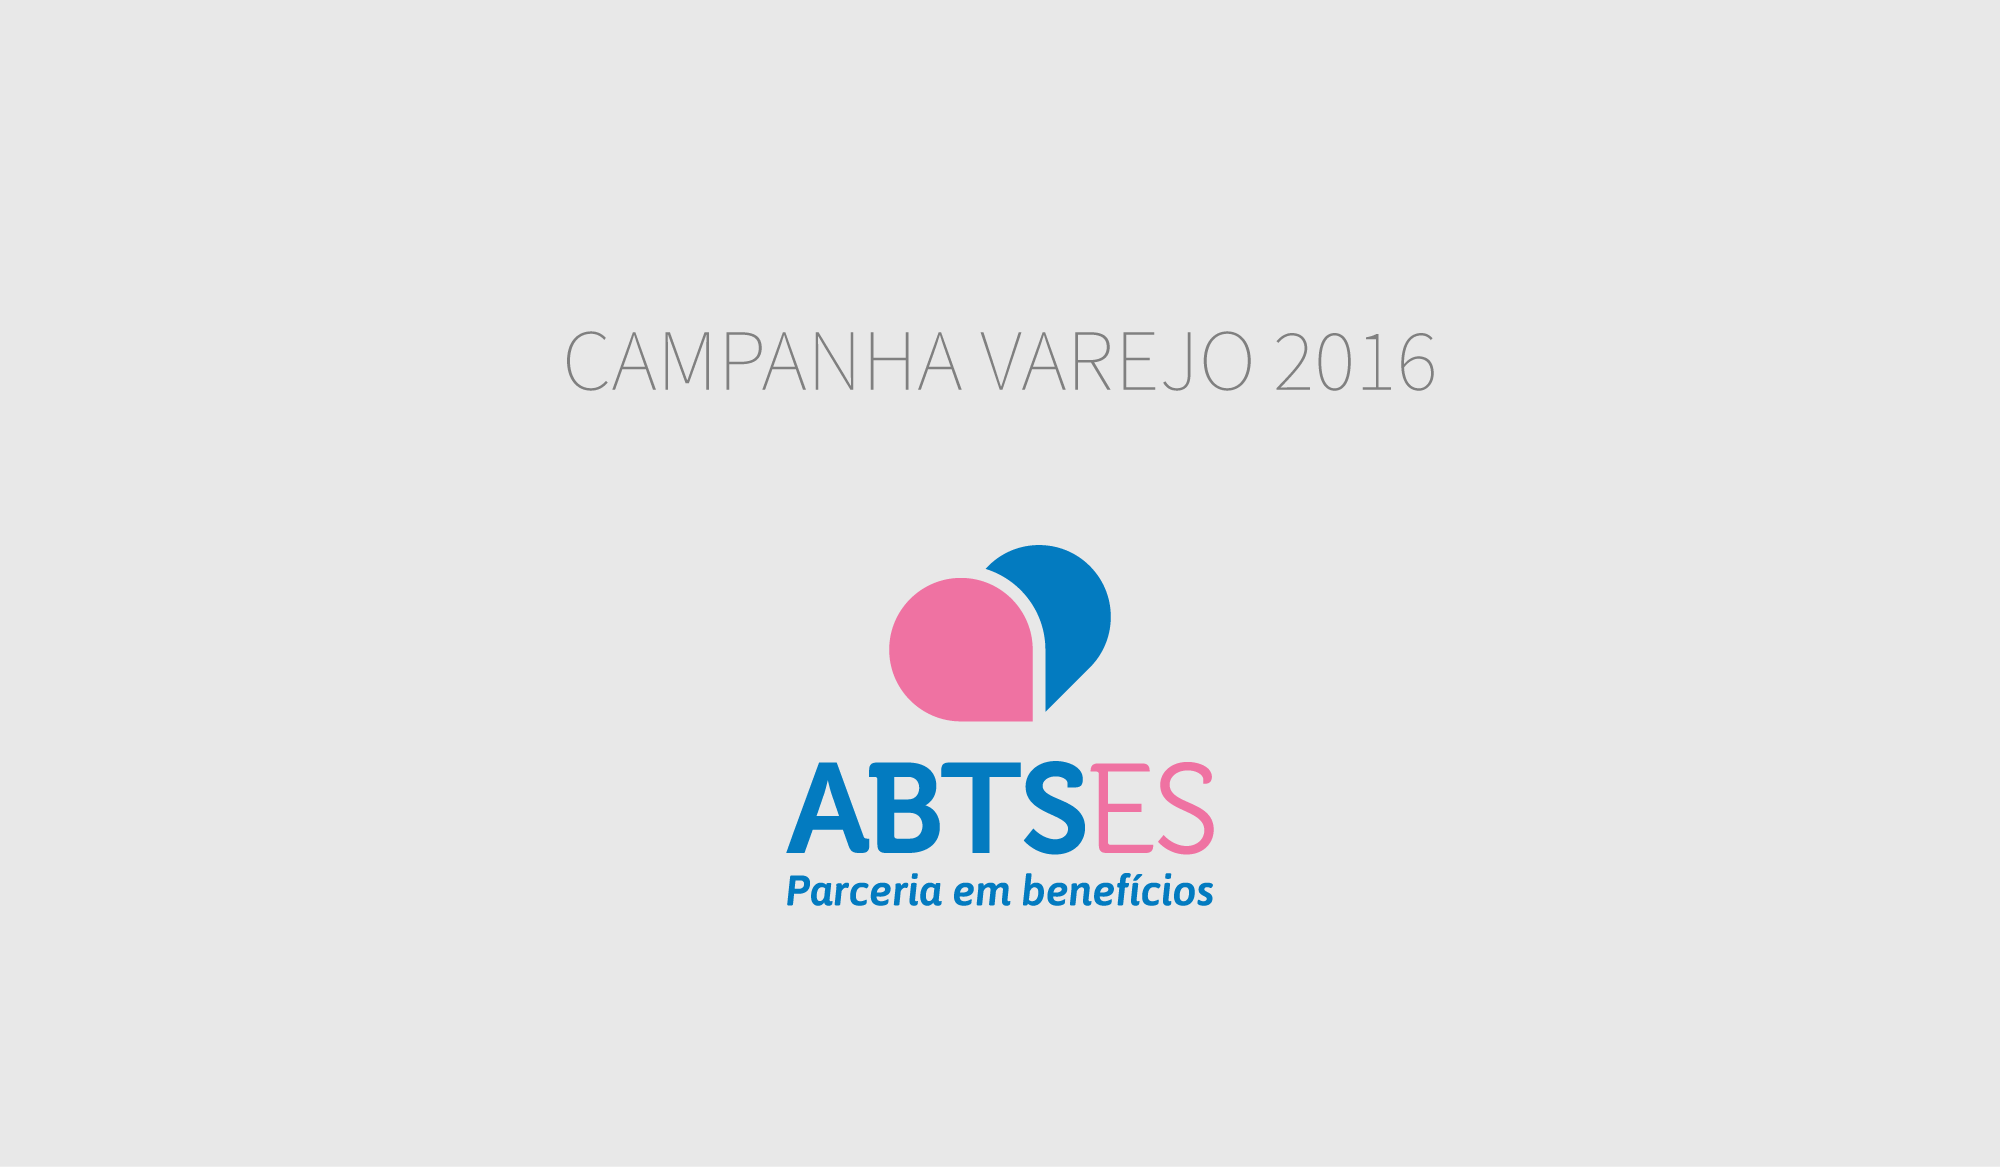 abts-varejo-2016-01